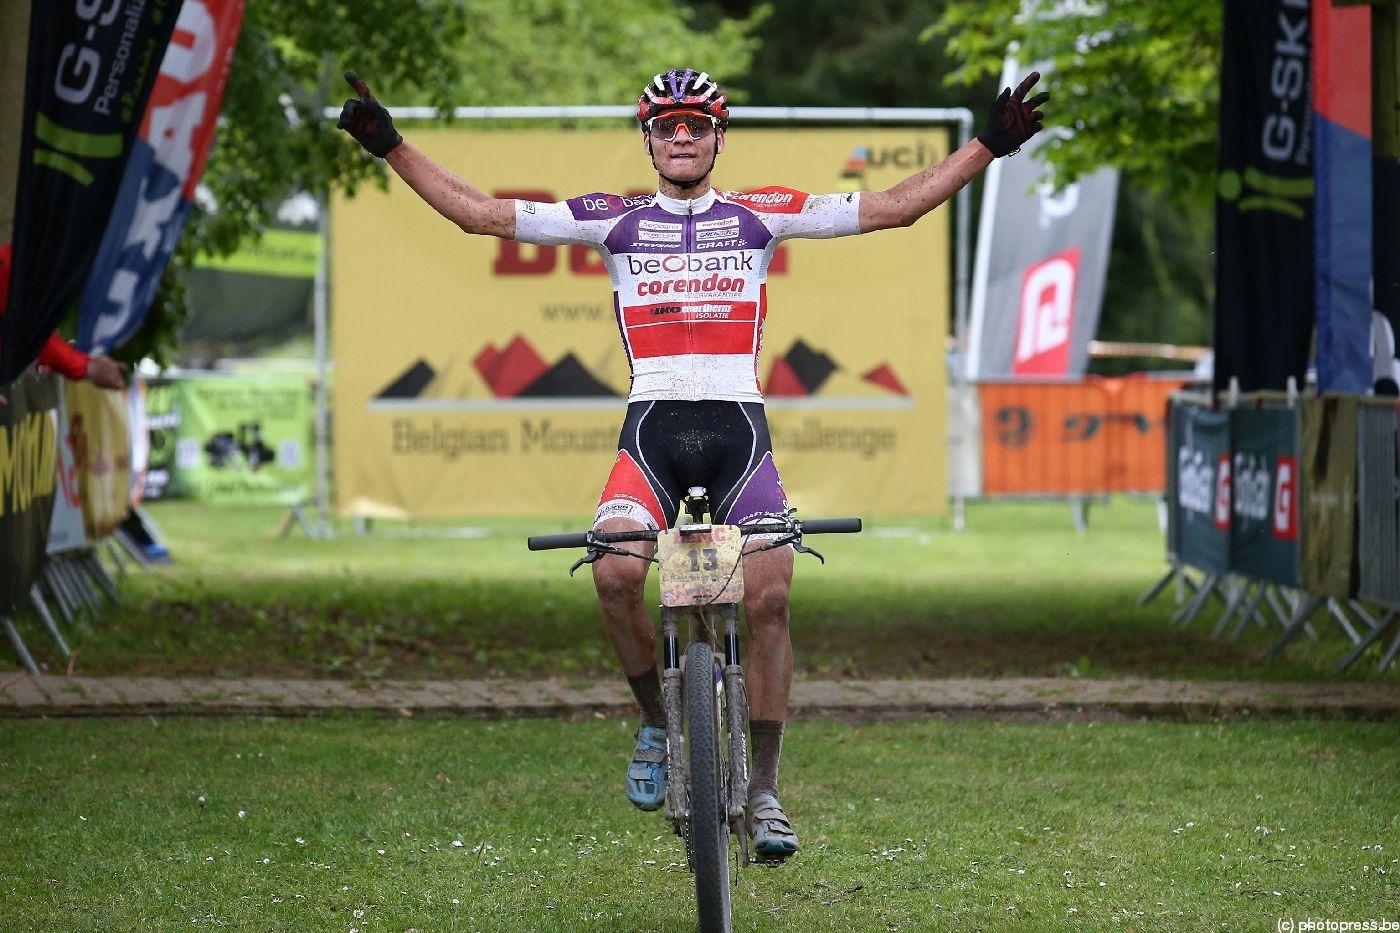 Mathieu van der Poel ganando en la Belgian Mountainbike Challenge (BeMC) 2017